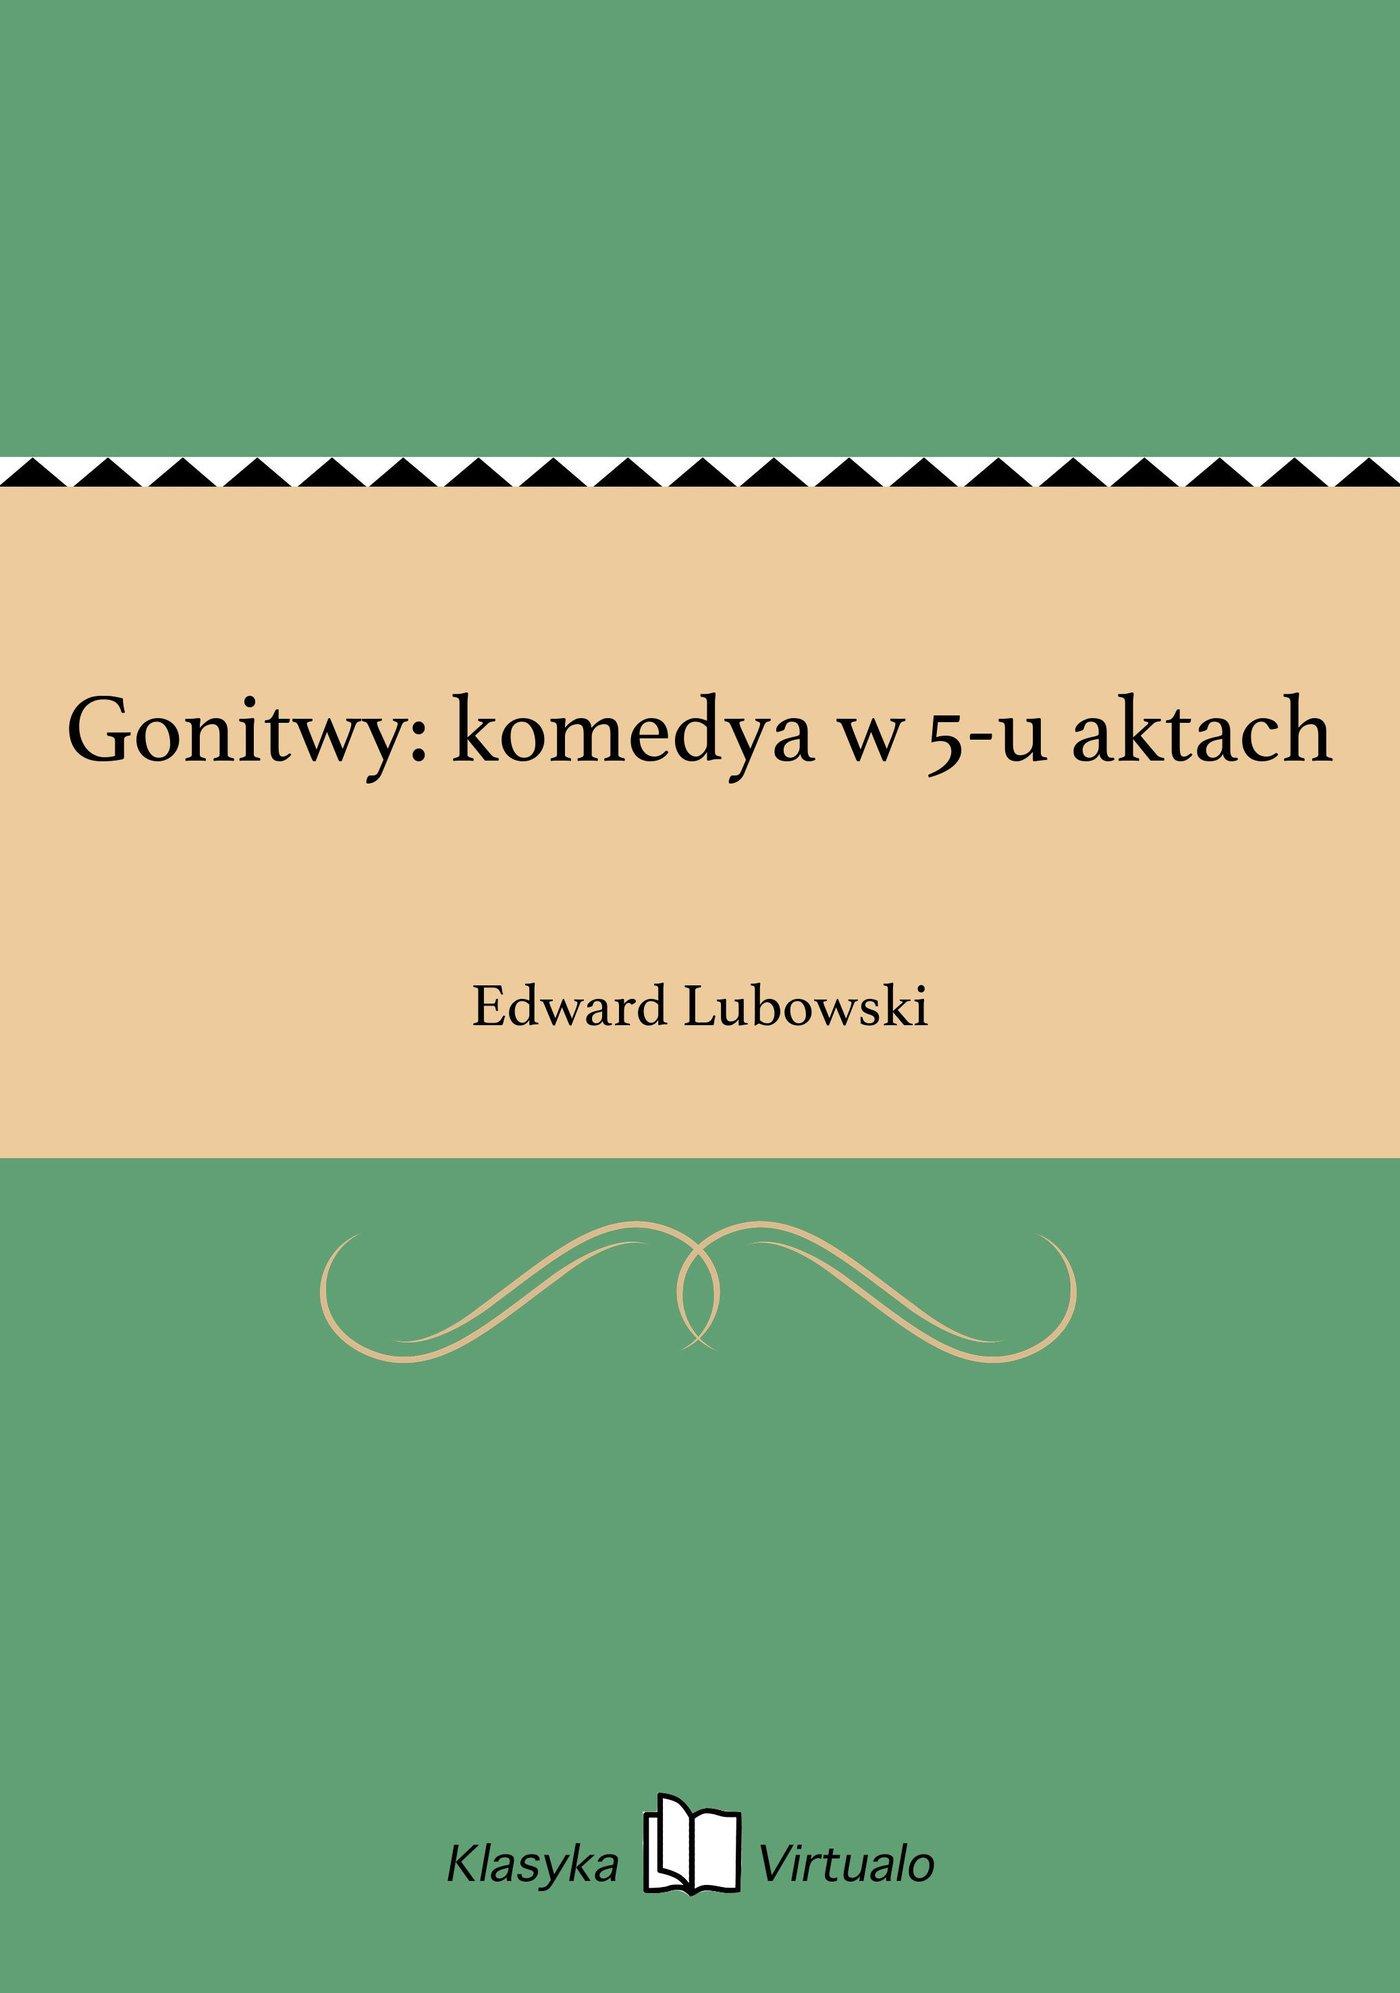 Gonitwy: komedya w 5-u aktach - Ebook (Książka EPUB) do pobrania w formacie EPUB